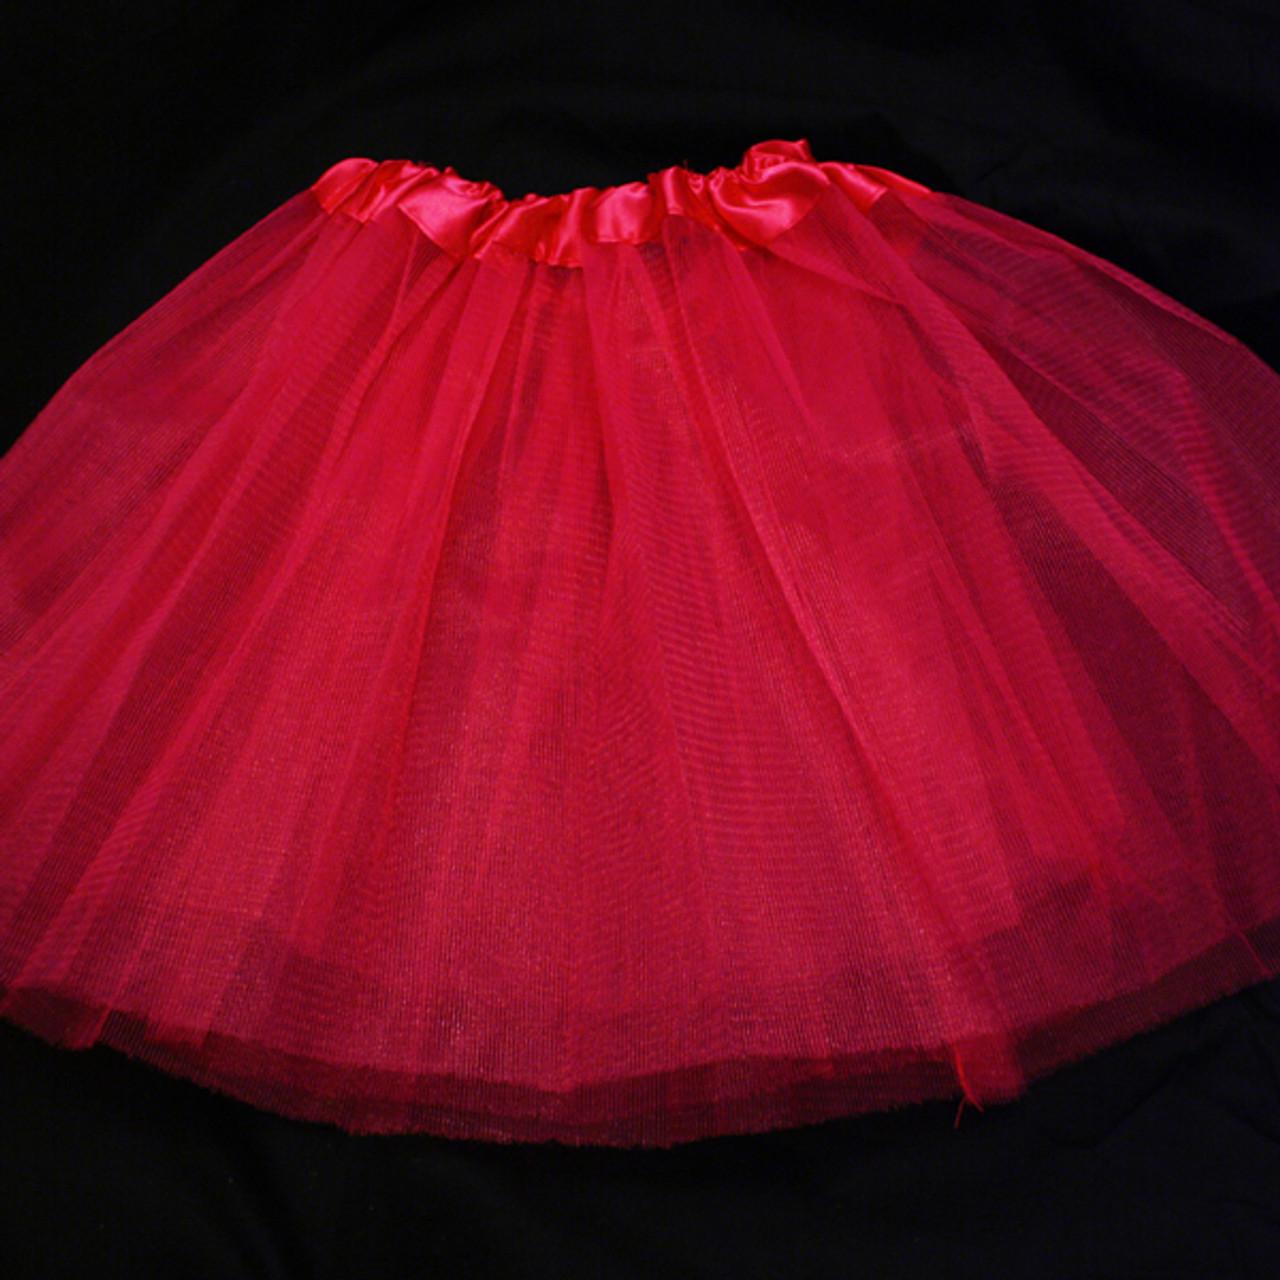 Hot pink tutus